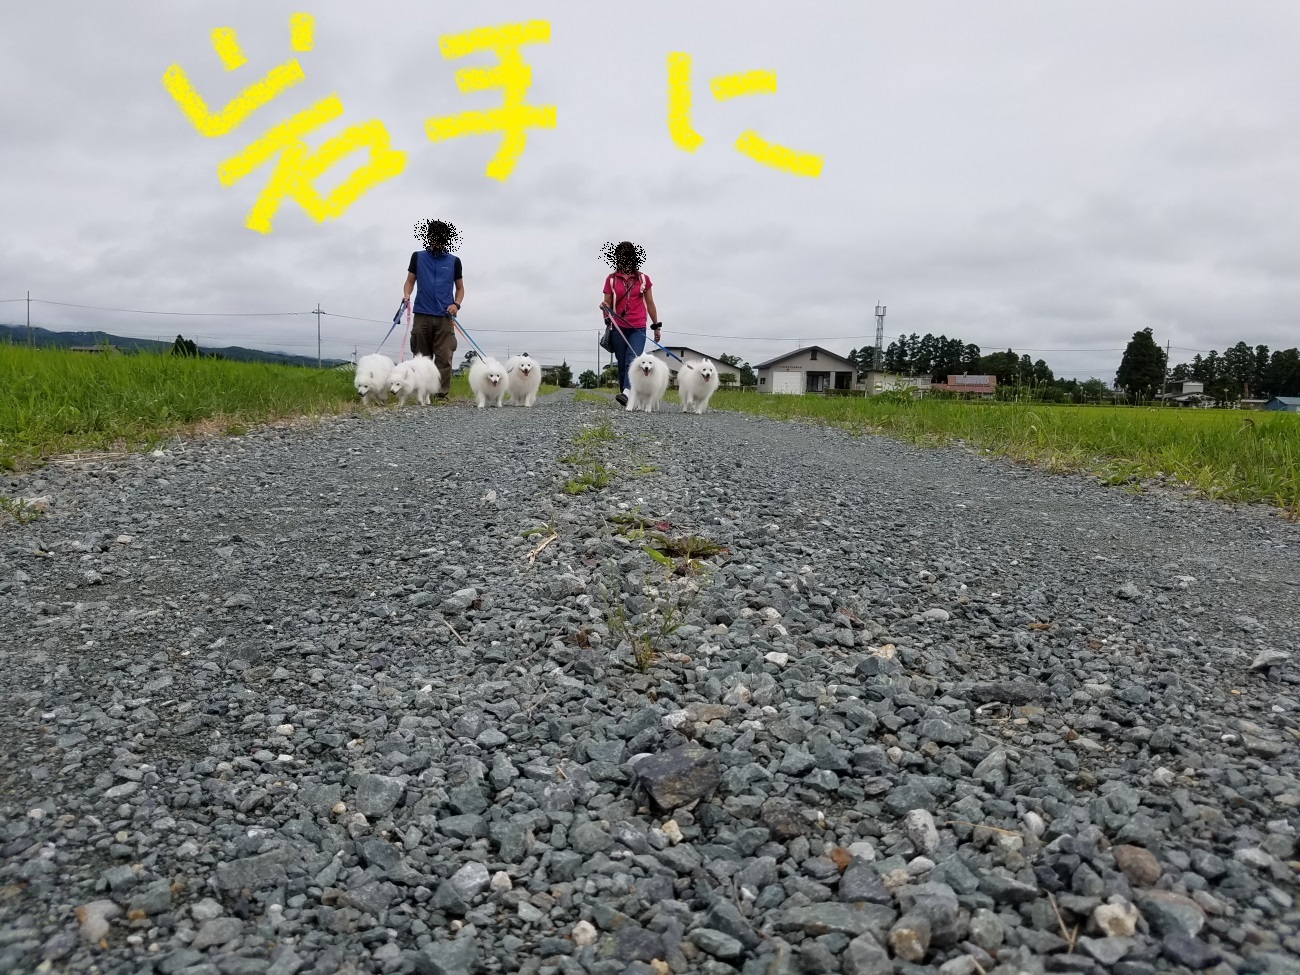 20170813_095519.jpg